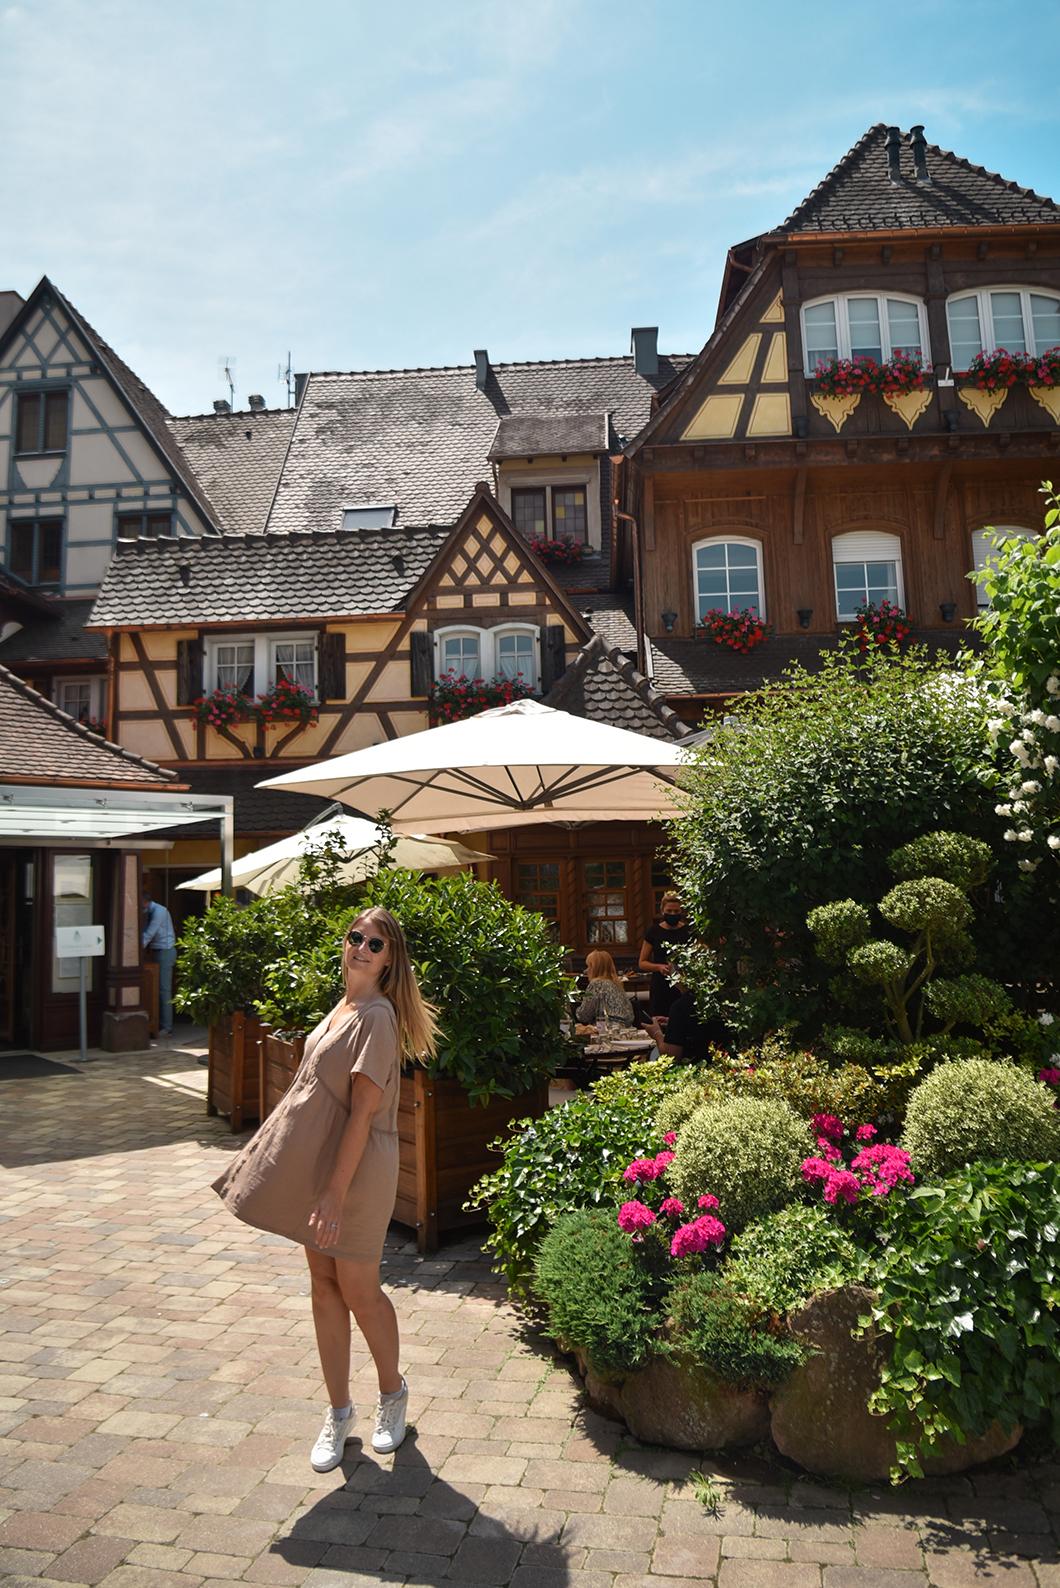 Où séjourner à Obernai ? Le Parc Hôtel Obernai, hôtel 4 étoiles